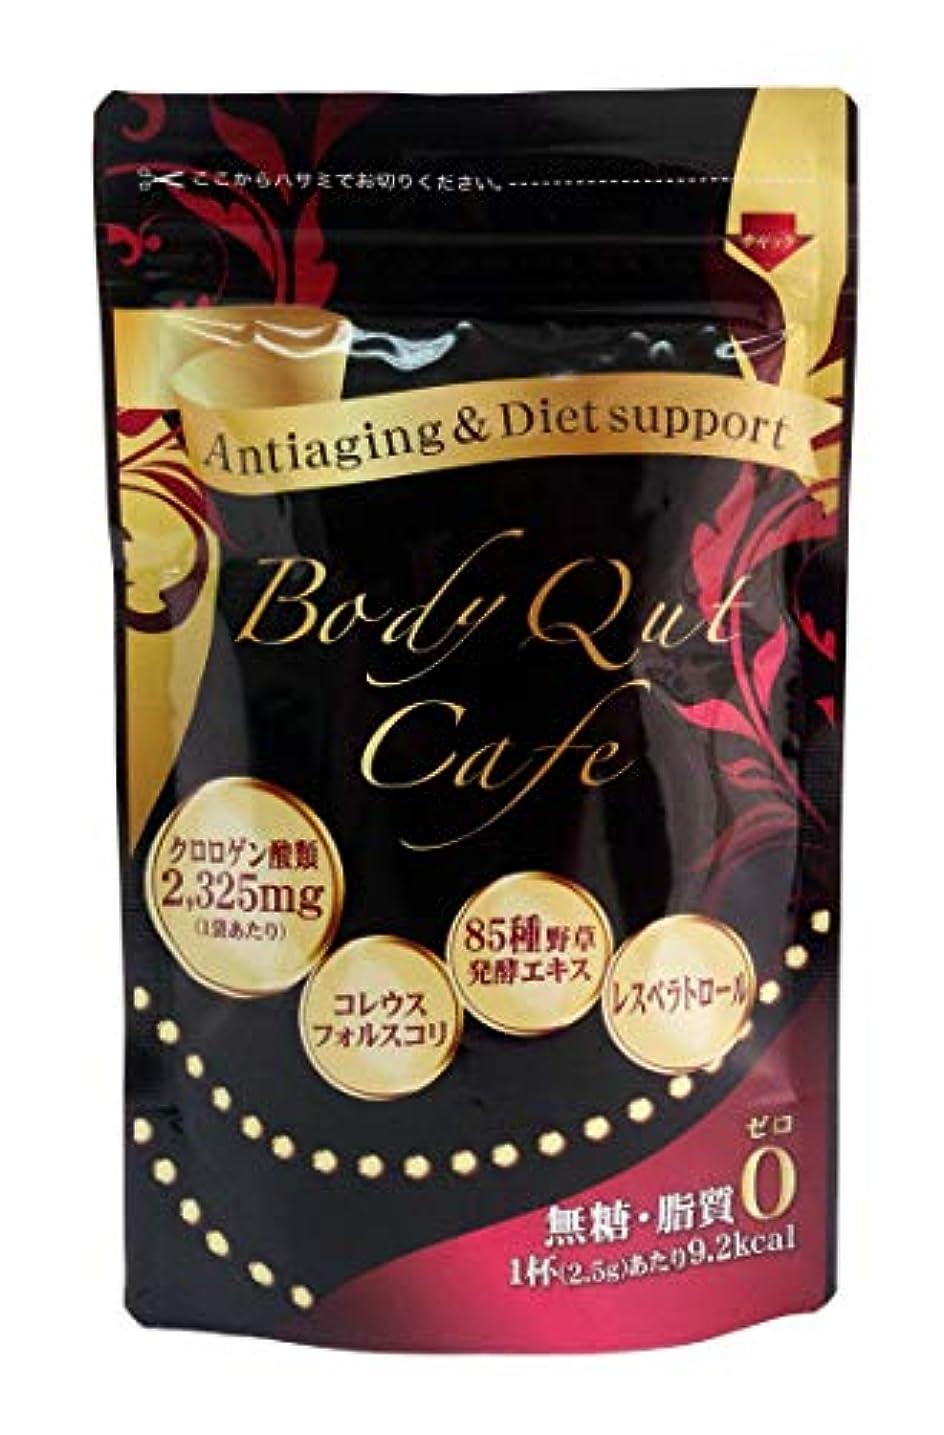 生き返らせる勤勉な見積りボディキュットカフェ 75g 約30杯分 ダイエットコーヒー Body Qut Cafe (オリジナル)